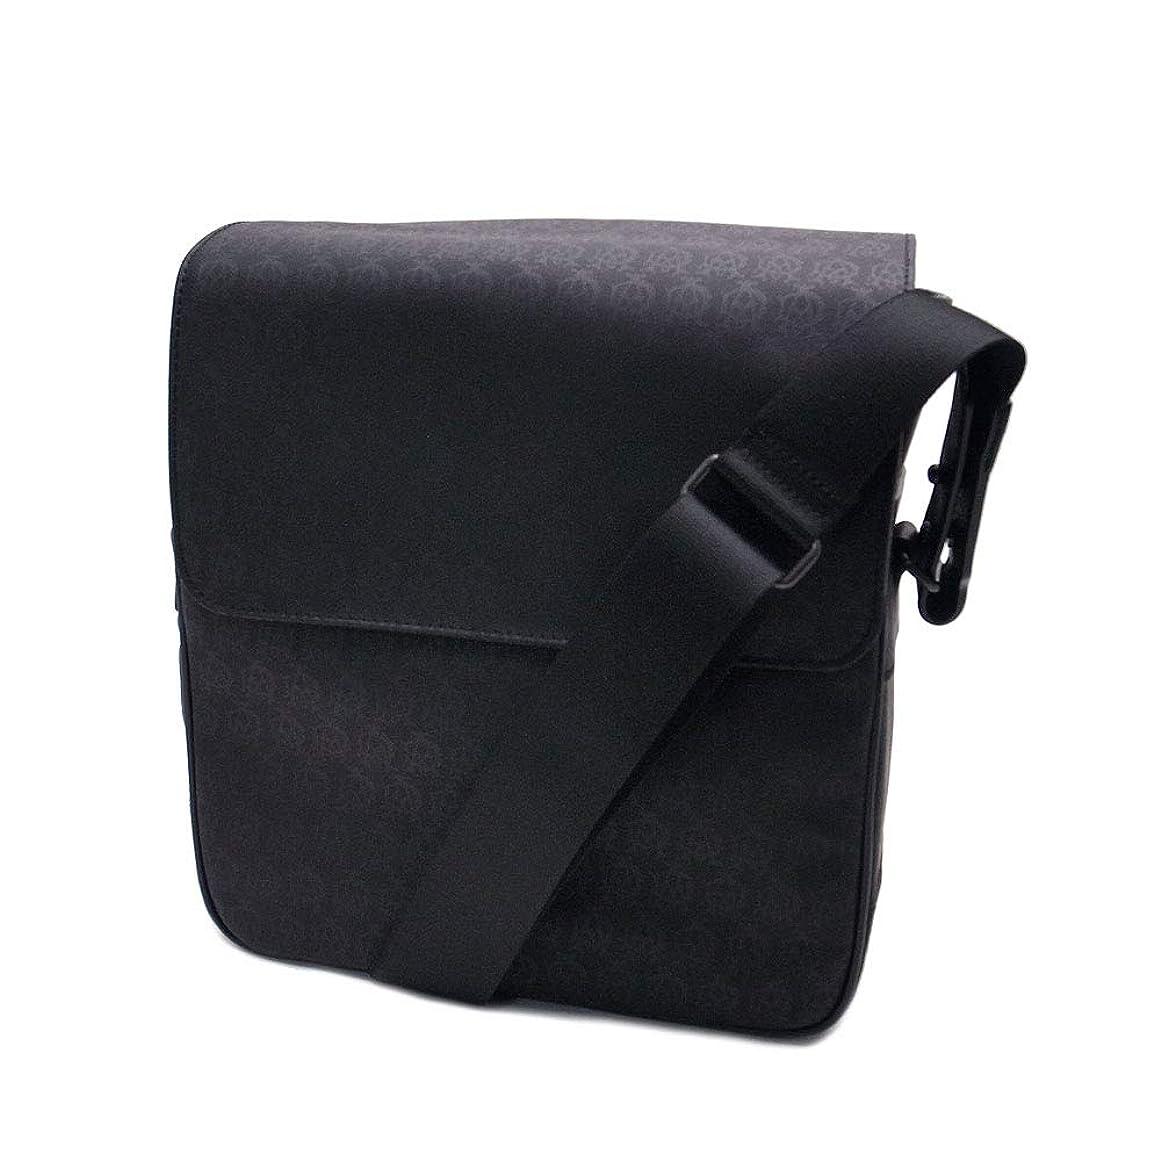 ジョブスクラップブック道徳の[ダンヒル] バッグ L3K760A ショルダー ウィンザー メッセンジャー PVC×レザー ブラック